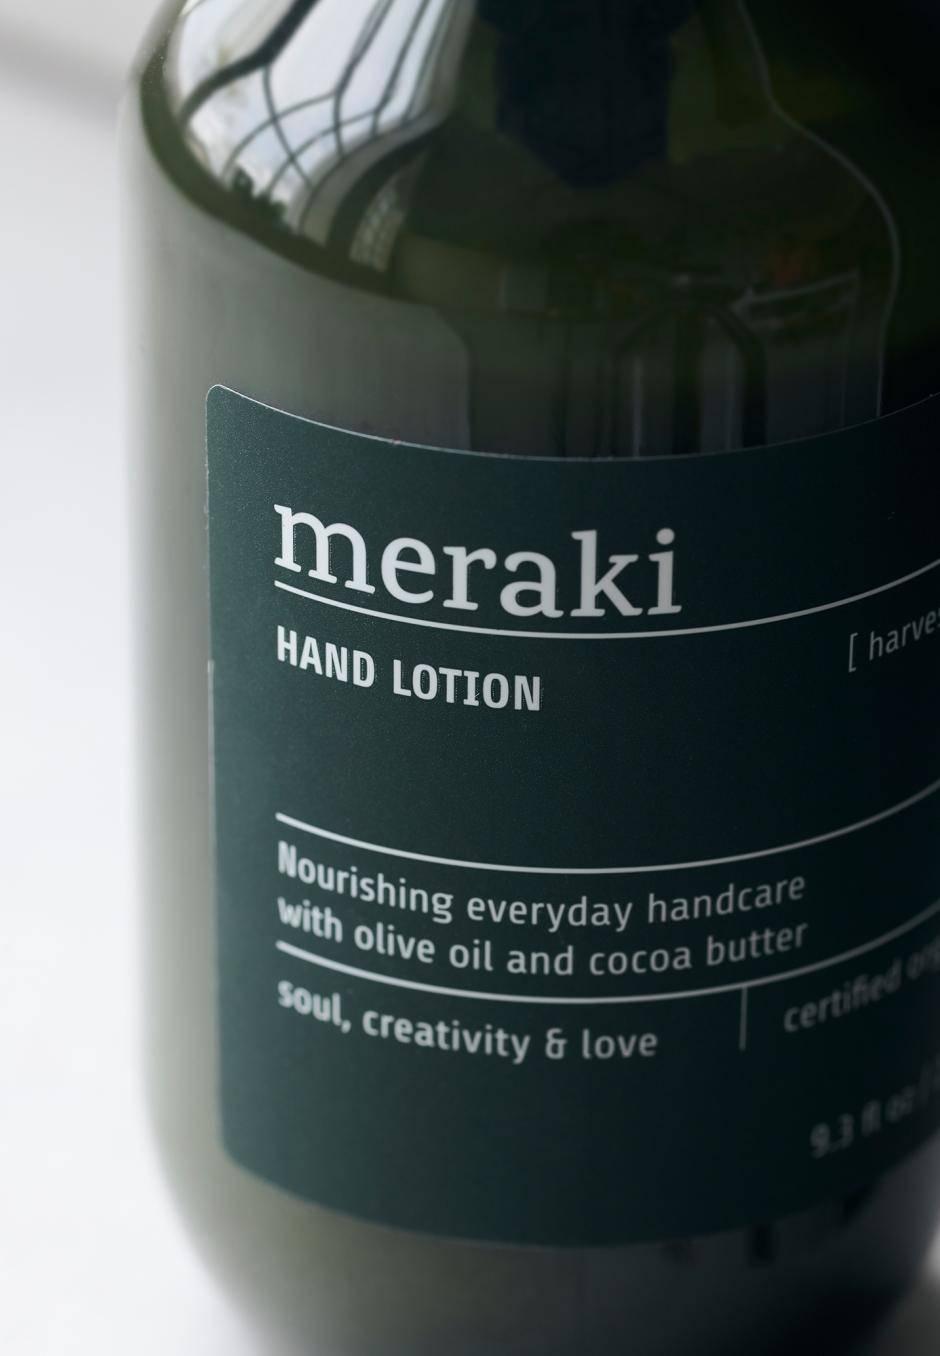 Meraki Hand Lotion Harvest Moon